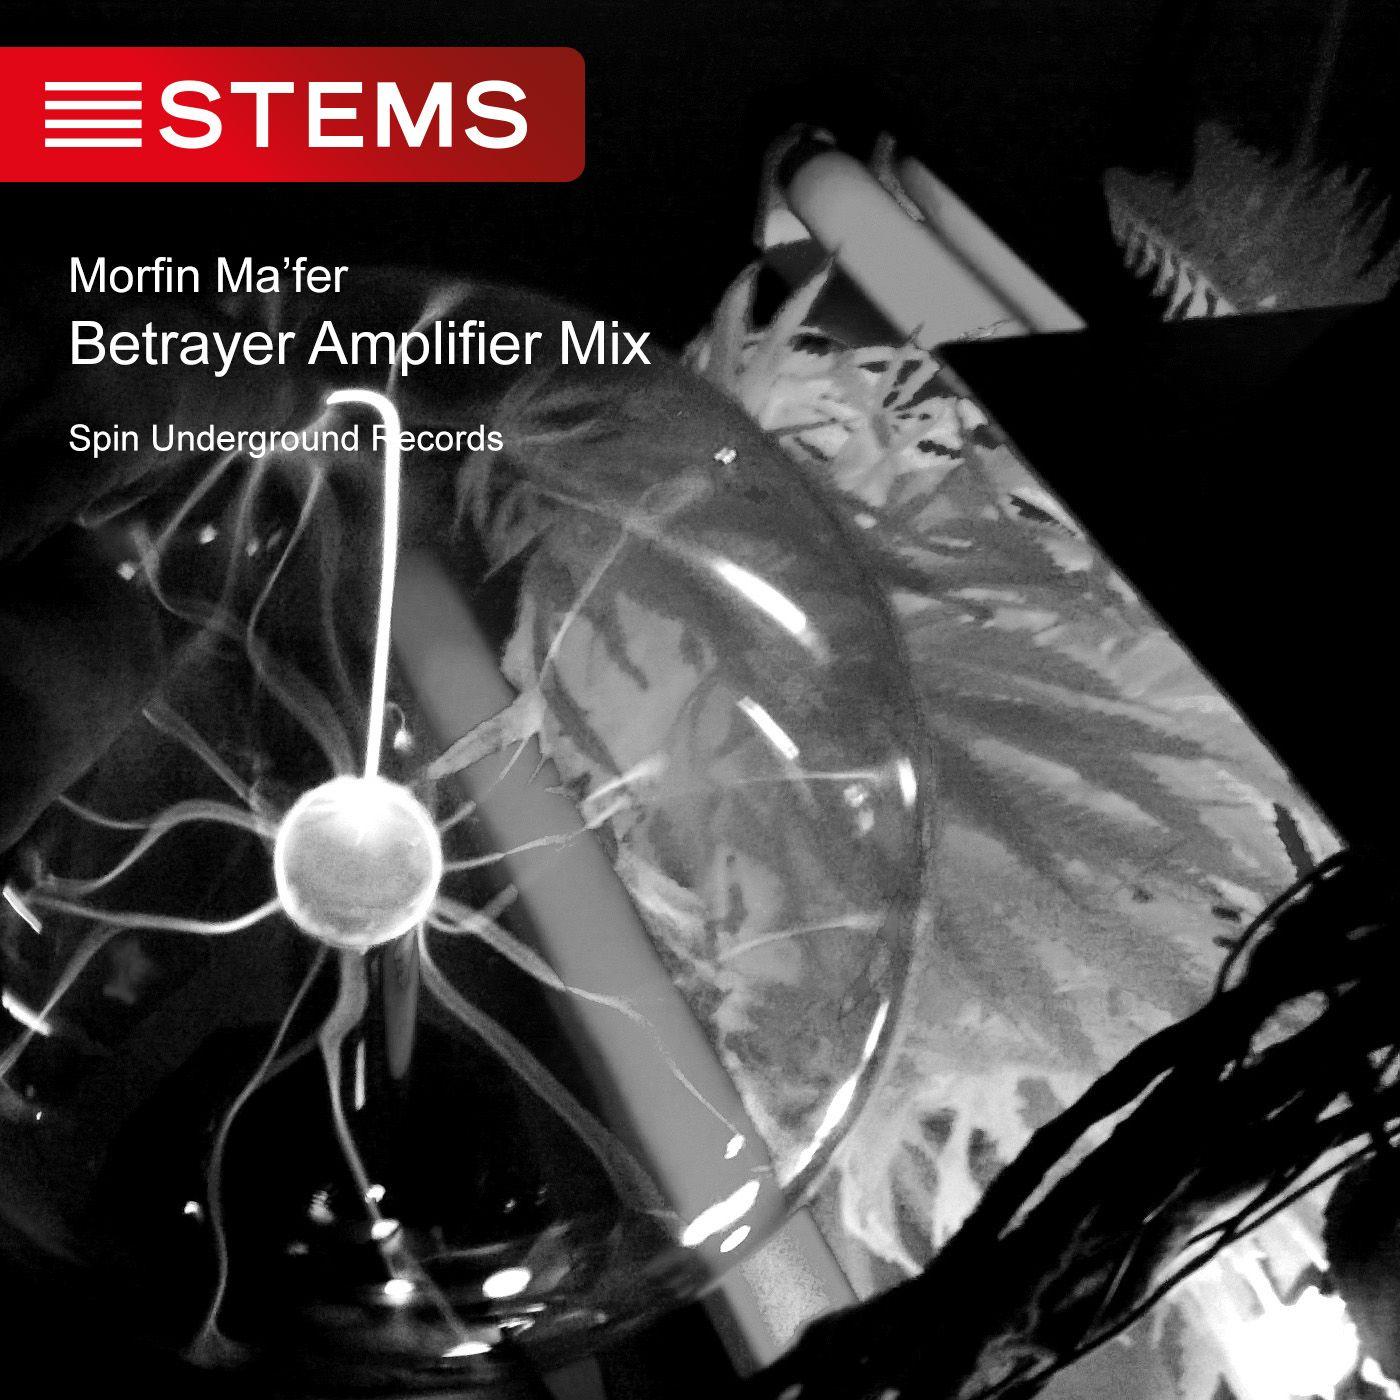 betrayer-amplifeir-mix-cover-art.jpg